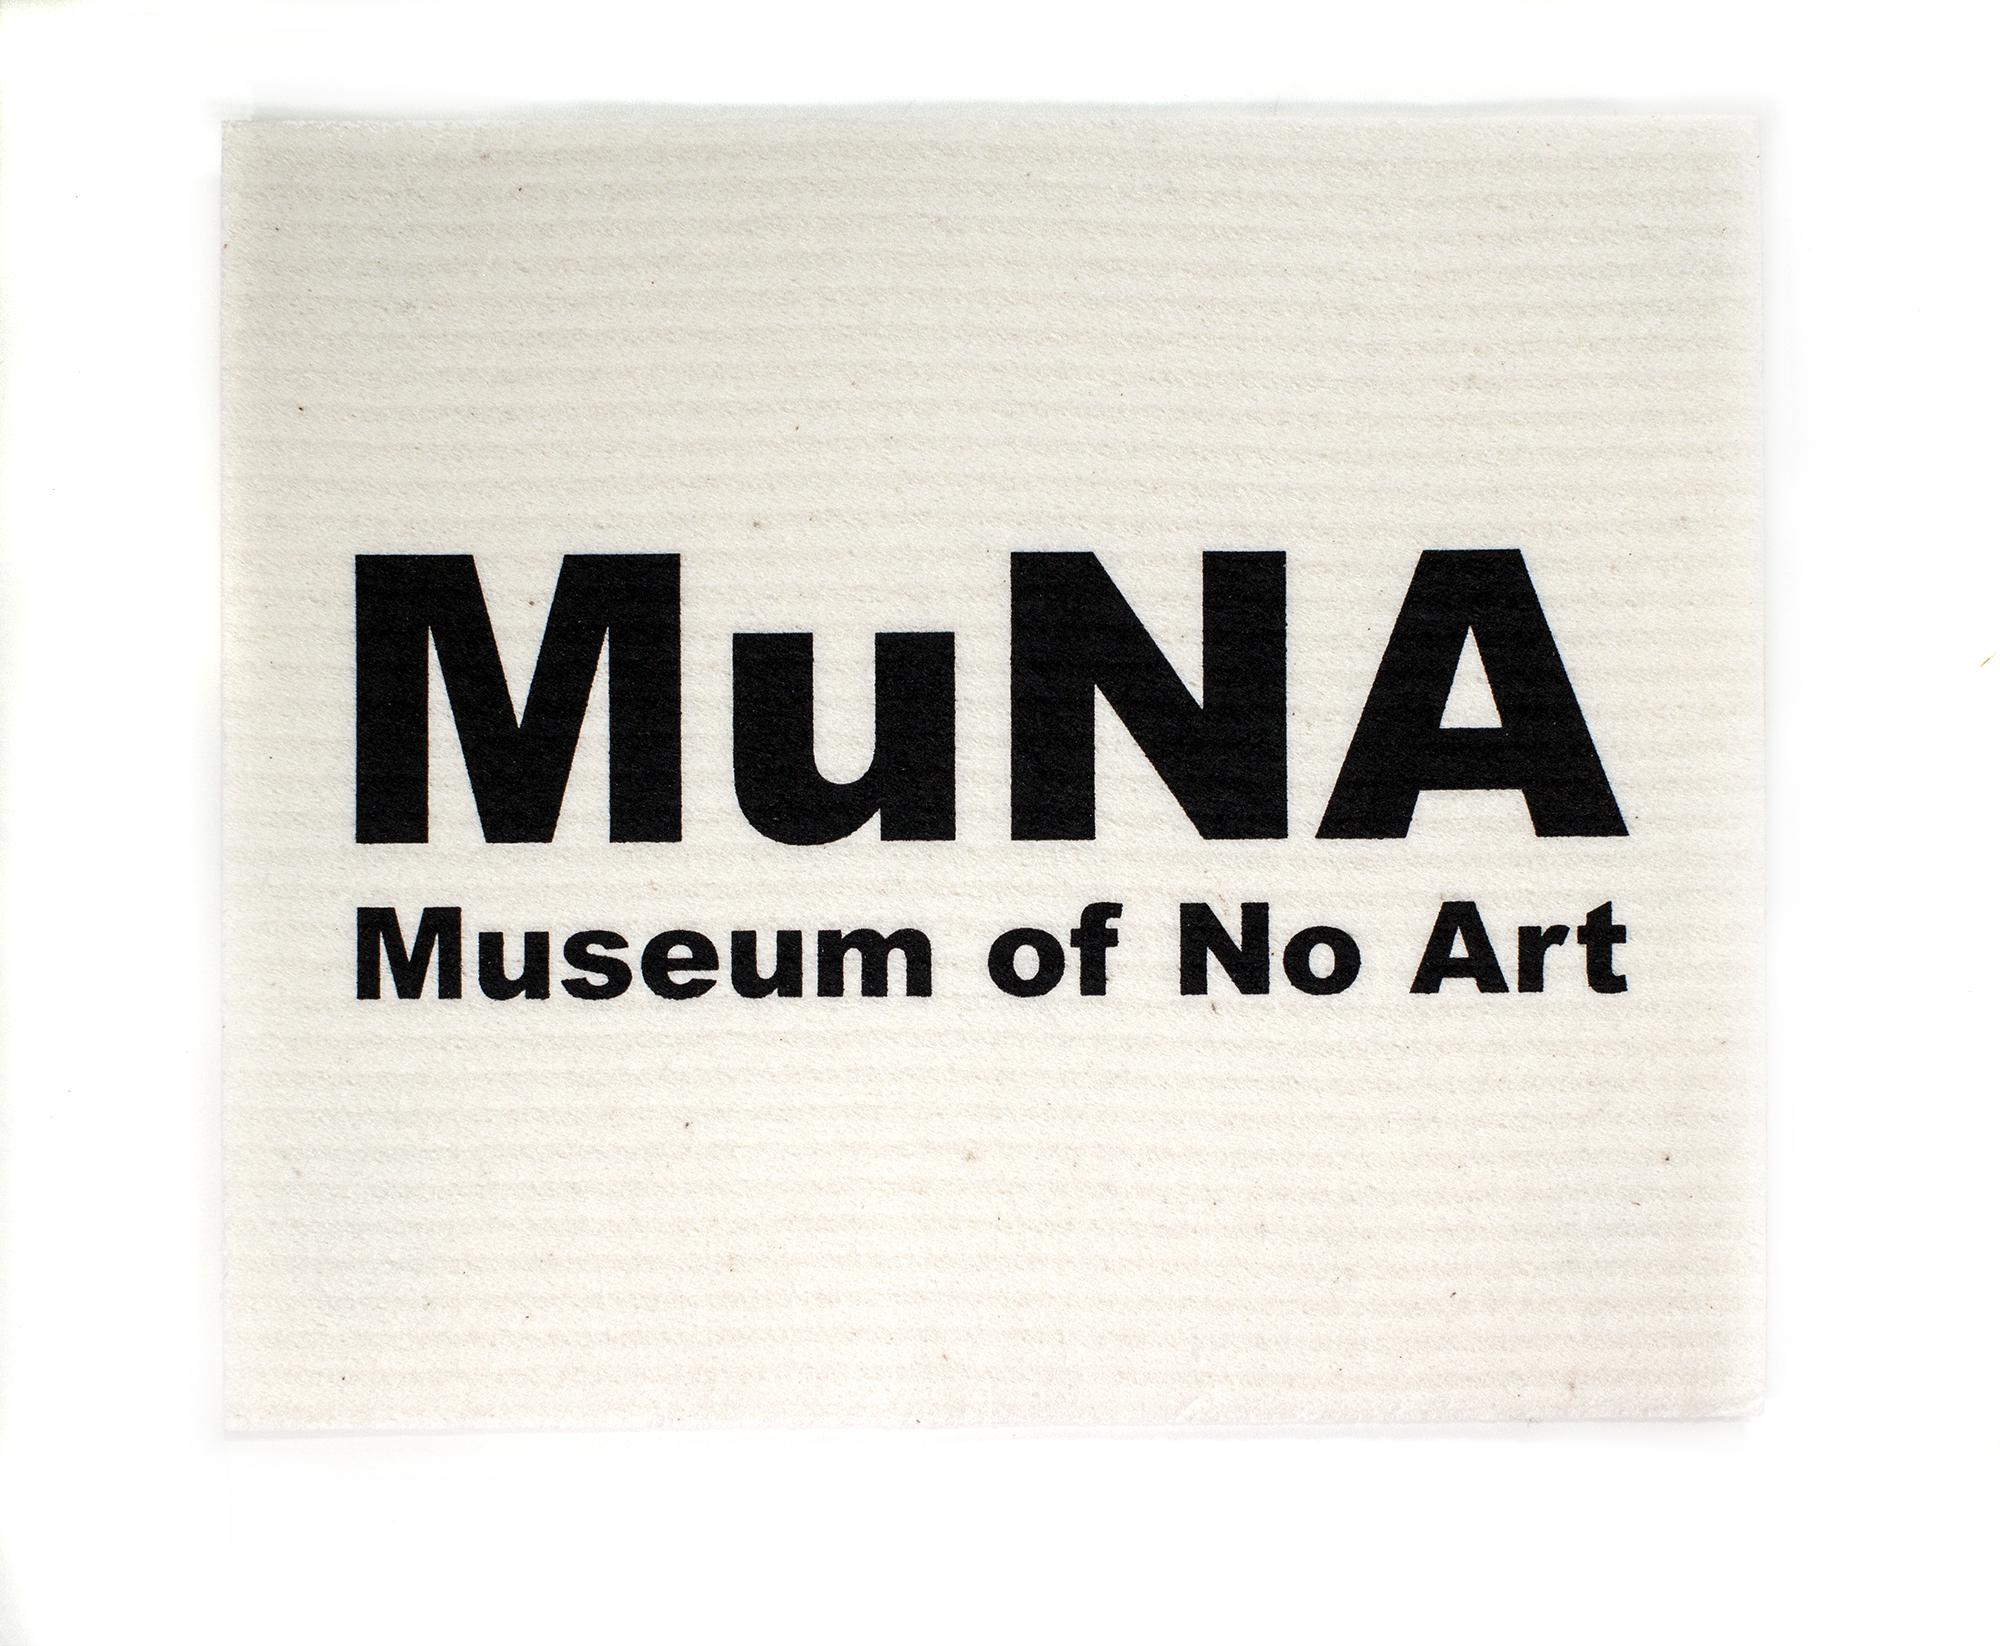 Riiko Sakkisen MuNA – Museum of No Art -näyttelyn muodosti turhanpäiväisiä, MuNA-logolla varustettuja muistoesineitä myyvä museo-kauppa. Valikoimassa oli tiskirätin (kuvassa) ohella muun muassa pehmonalle, mitta-nauha, kertakäyttösadetakki ja purukumipakkaus.